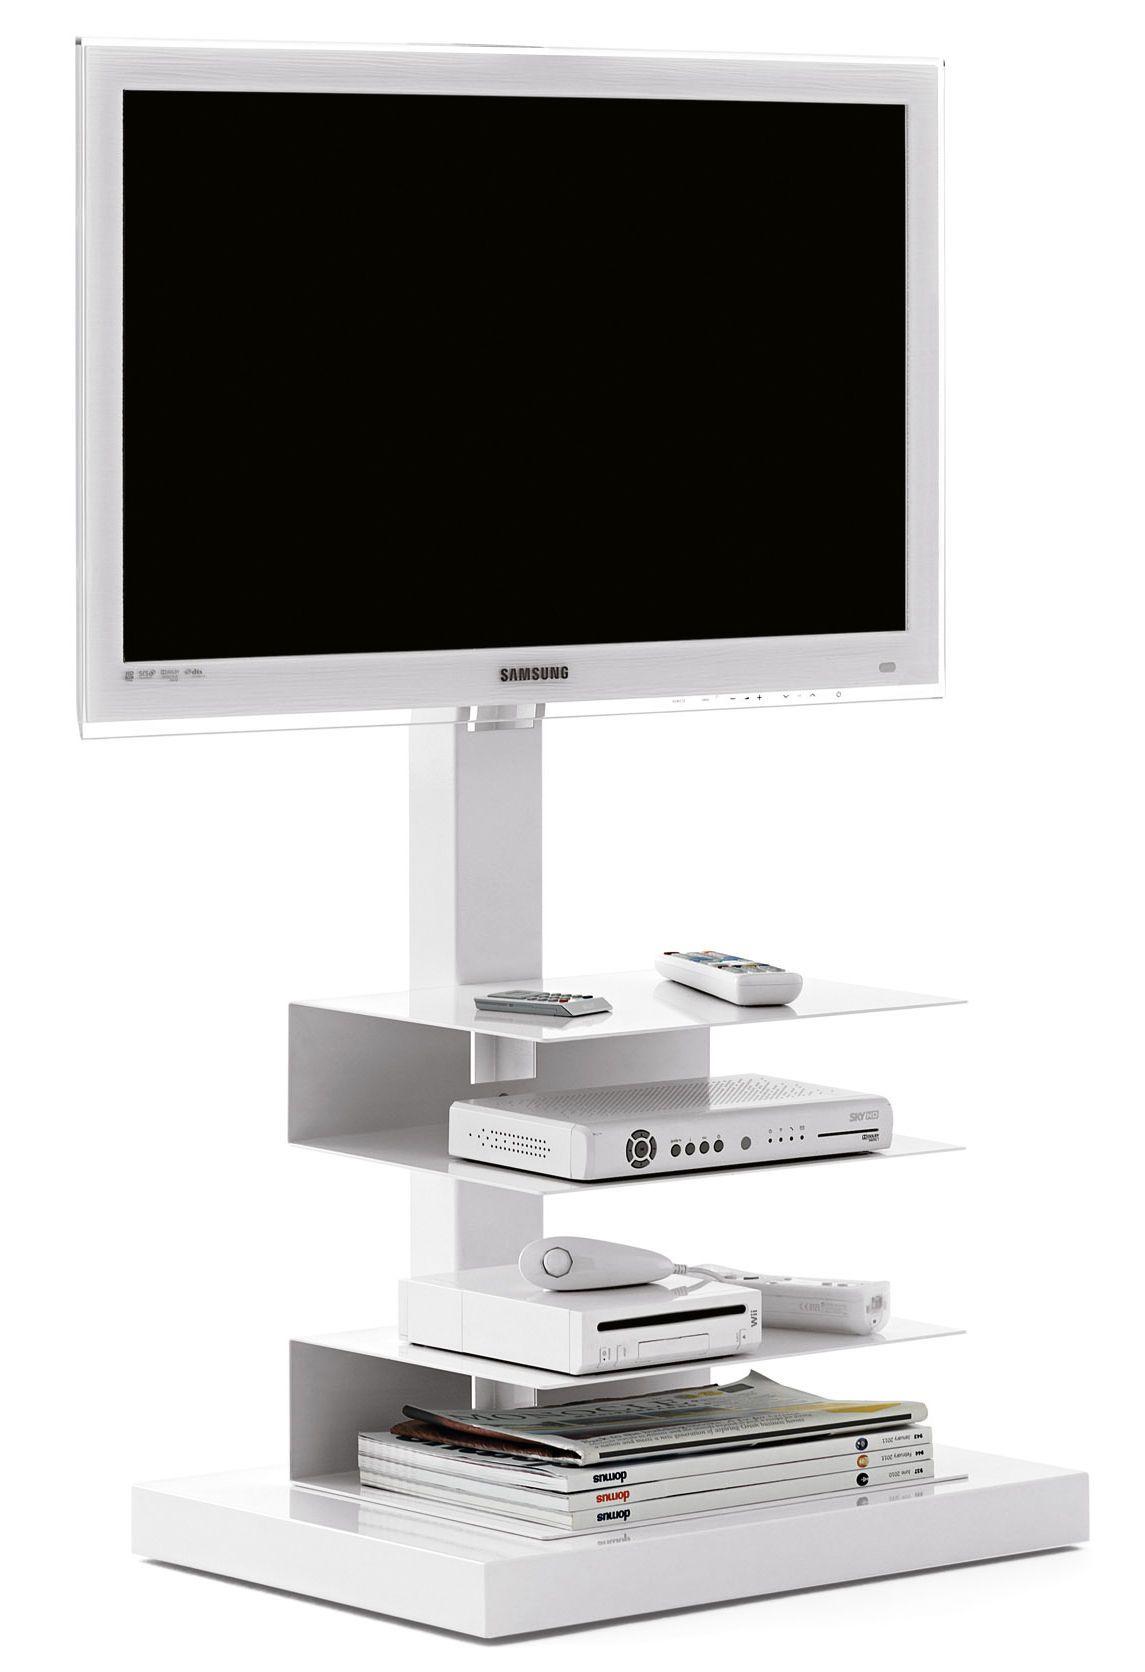 meuble tv made in design achat meuble tv ptolomeo opinion ciatti pour cran de - Meuble Tv Made In Design